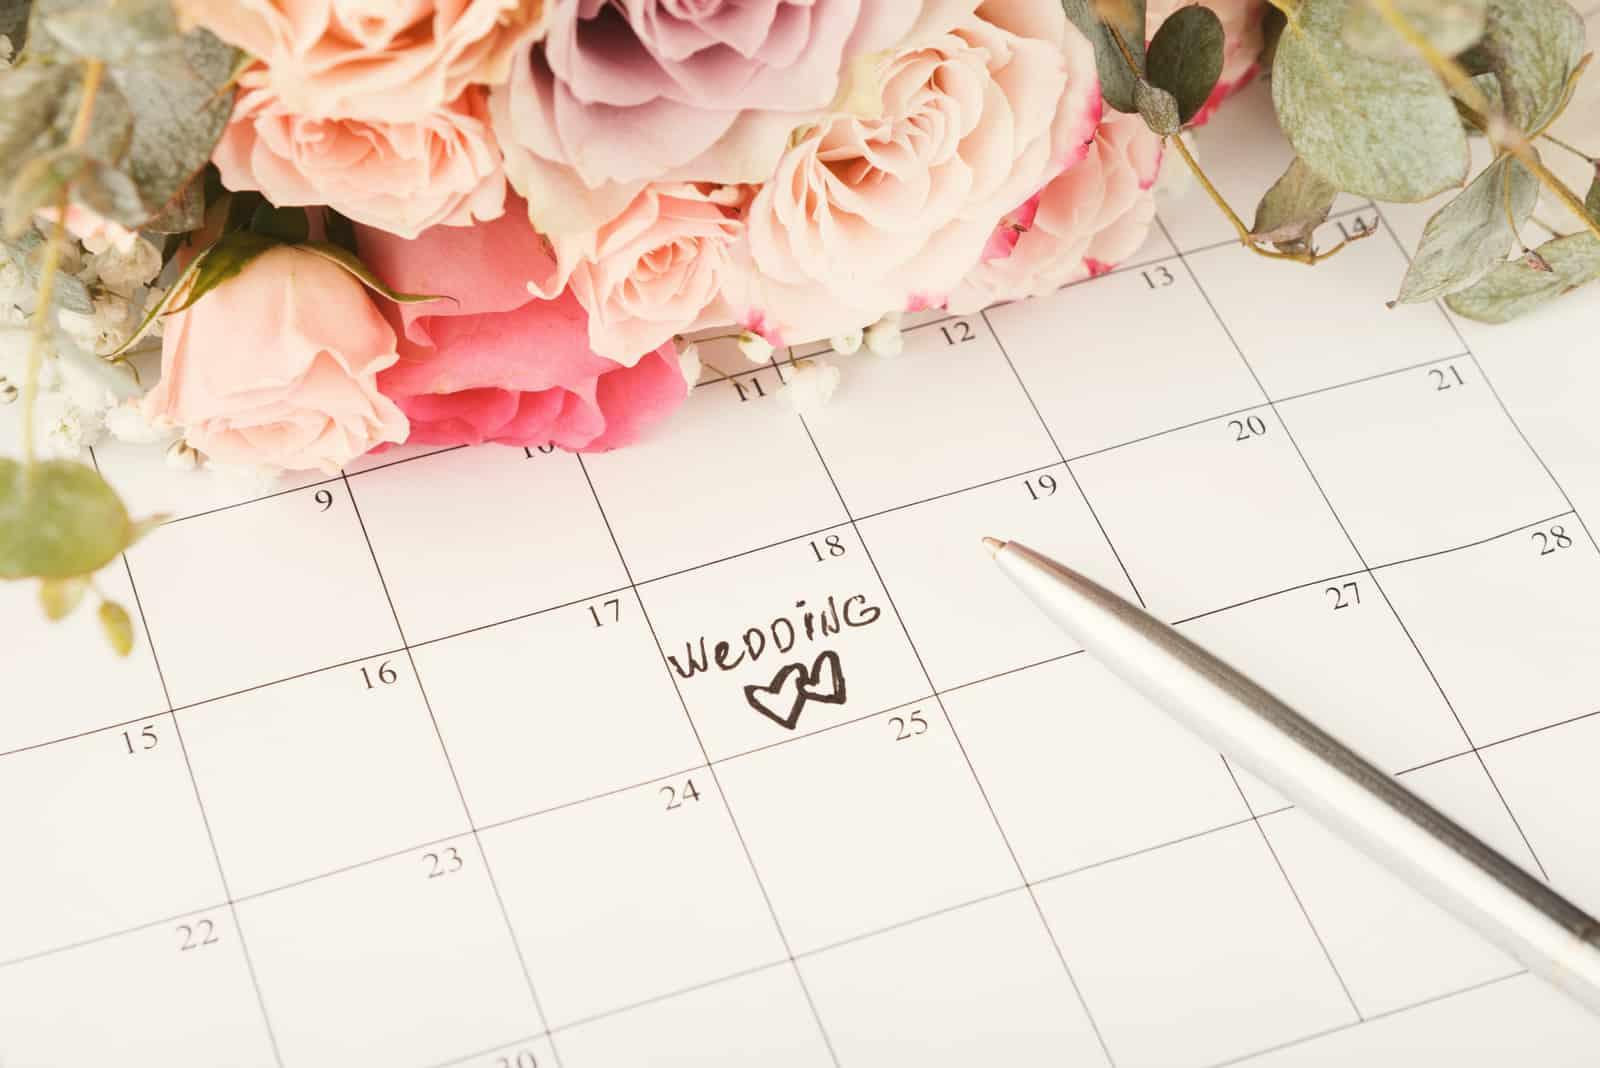 Worthochzeit und zwei Herzen auf Kalender mit süßem Rosenstrauß